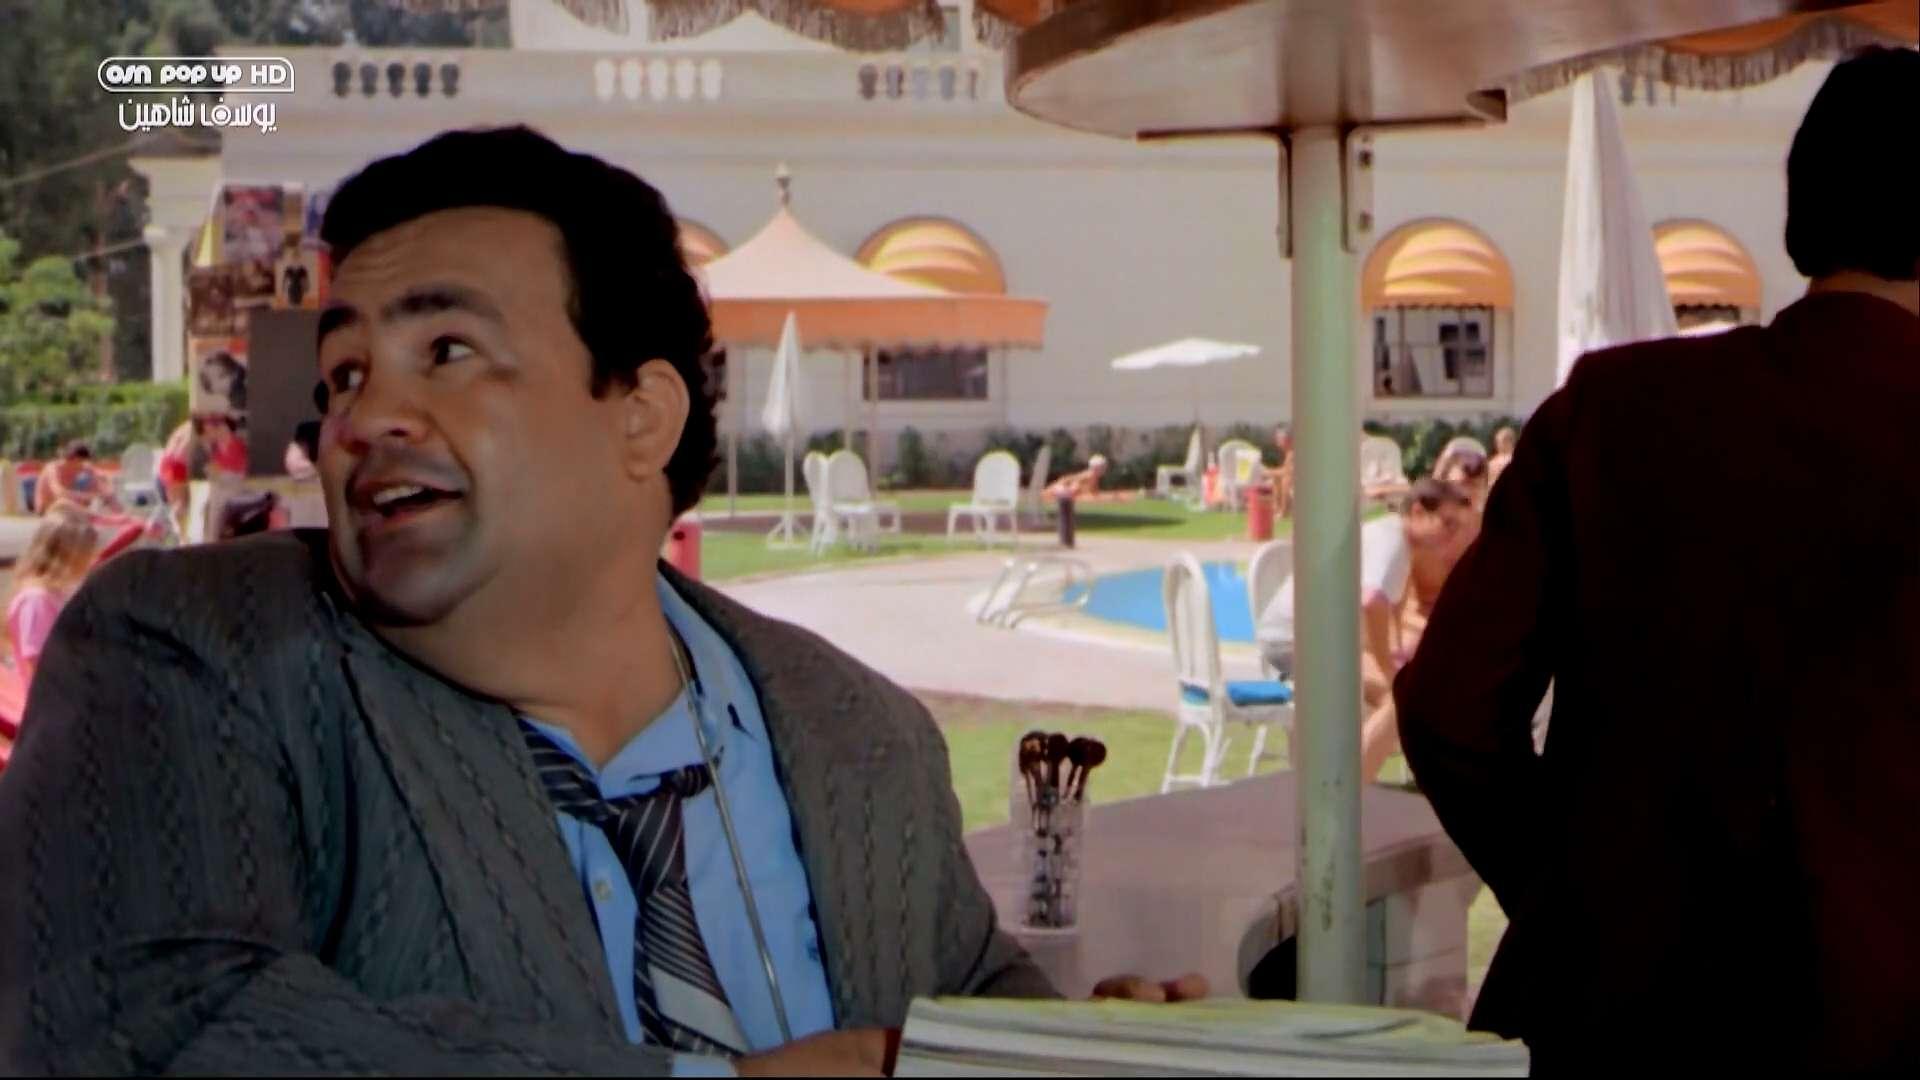 [فيلم][تورنت][تحميل][حدوتة مصرية][1982][1080p][HDTV] 8 arabp2p.com